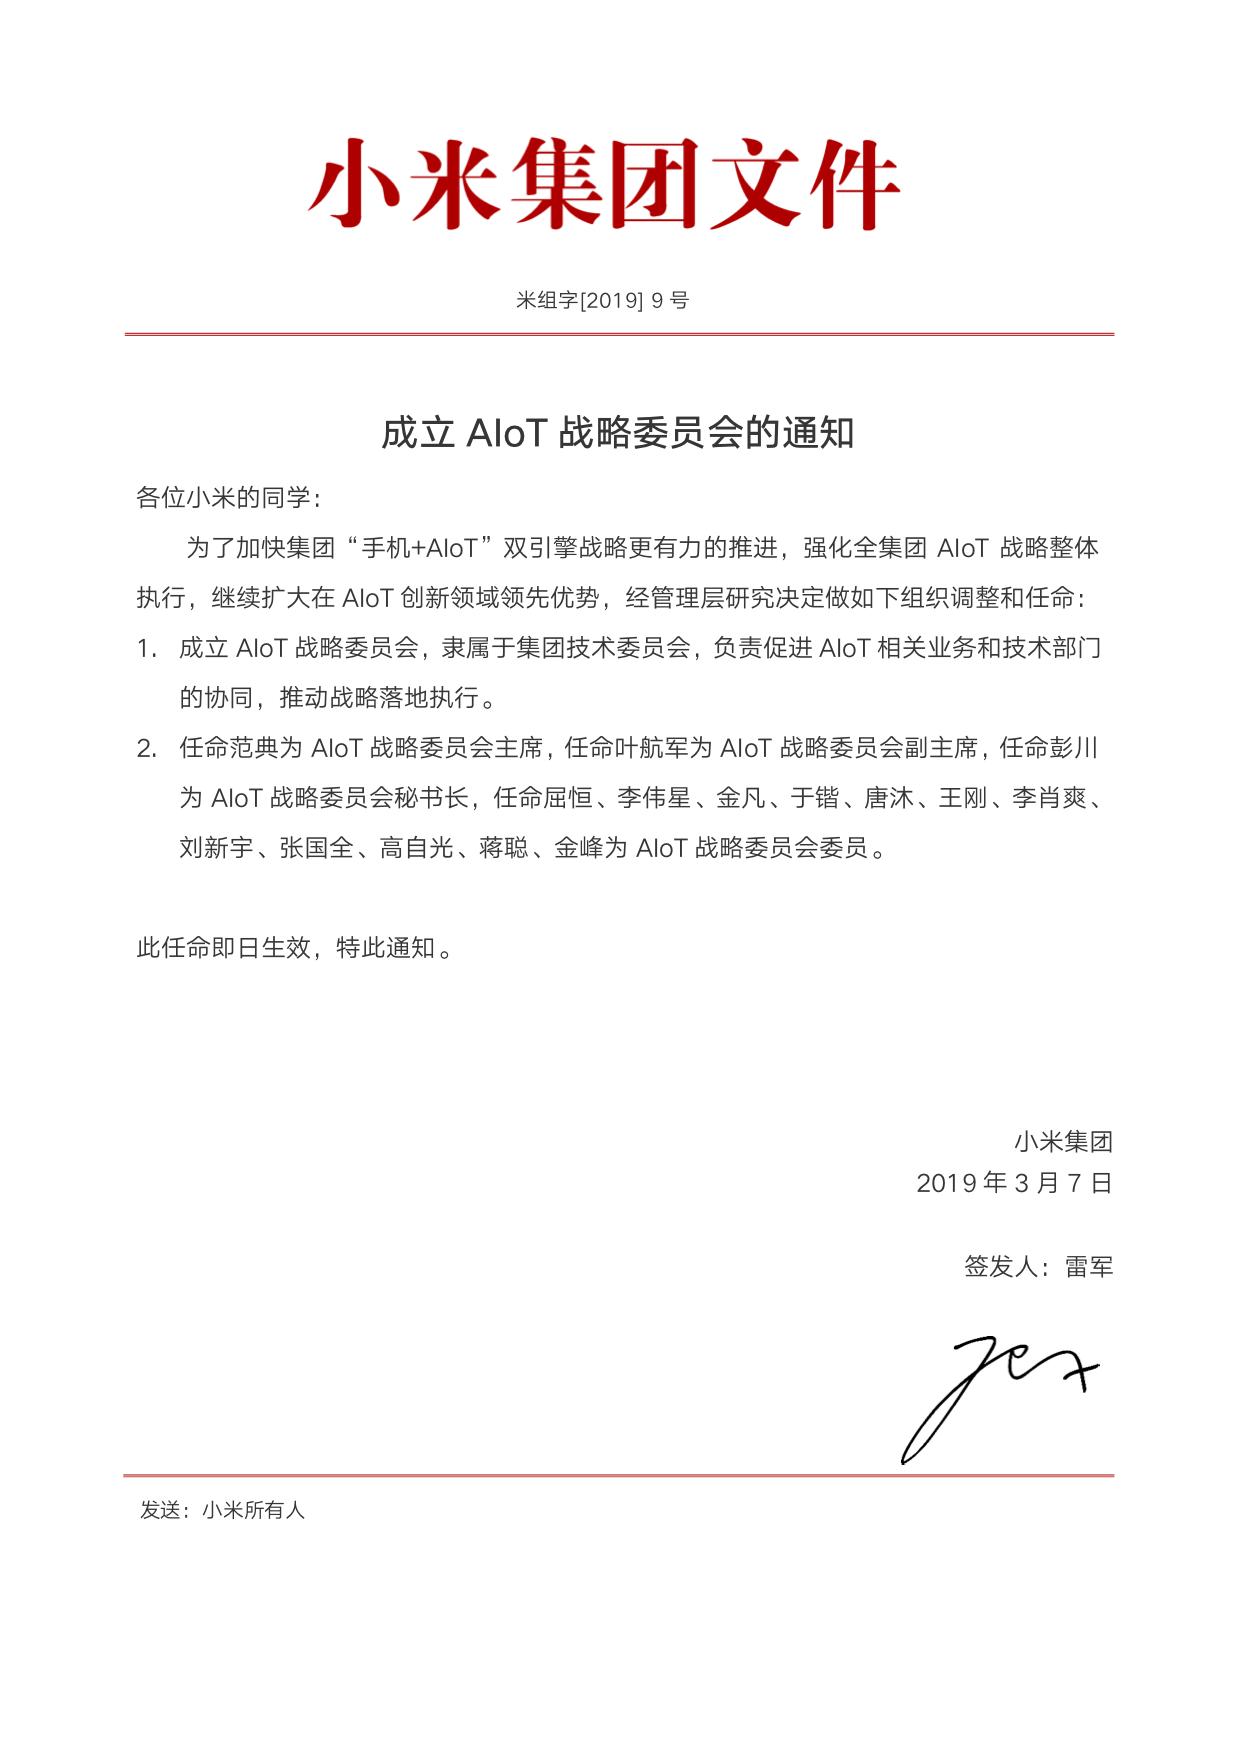 小米成立AIoT战略委员会  5年100亿All in AIoT落地加速